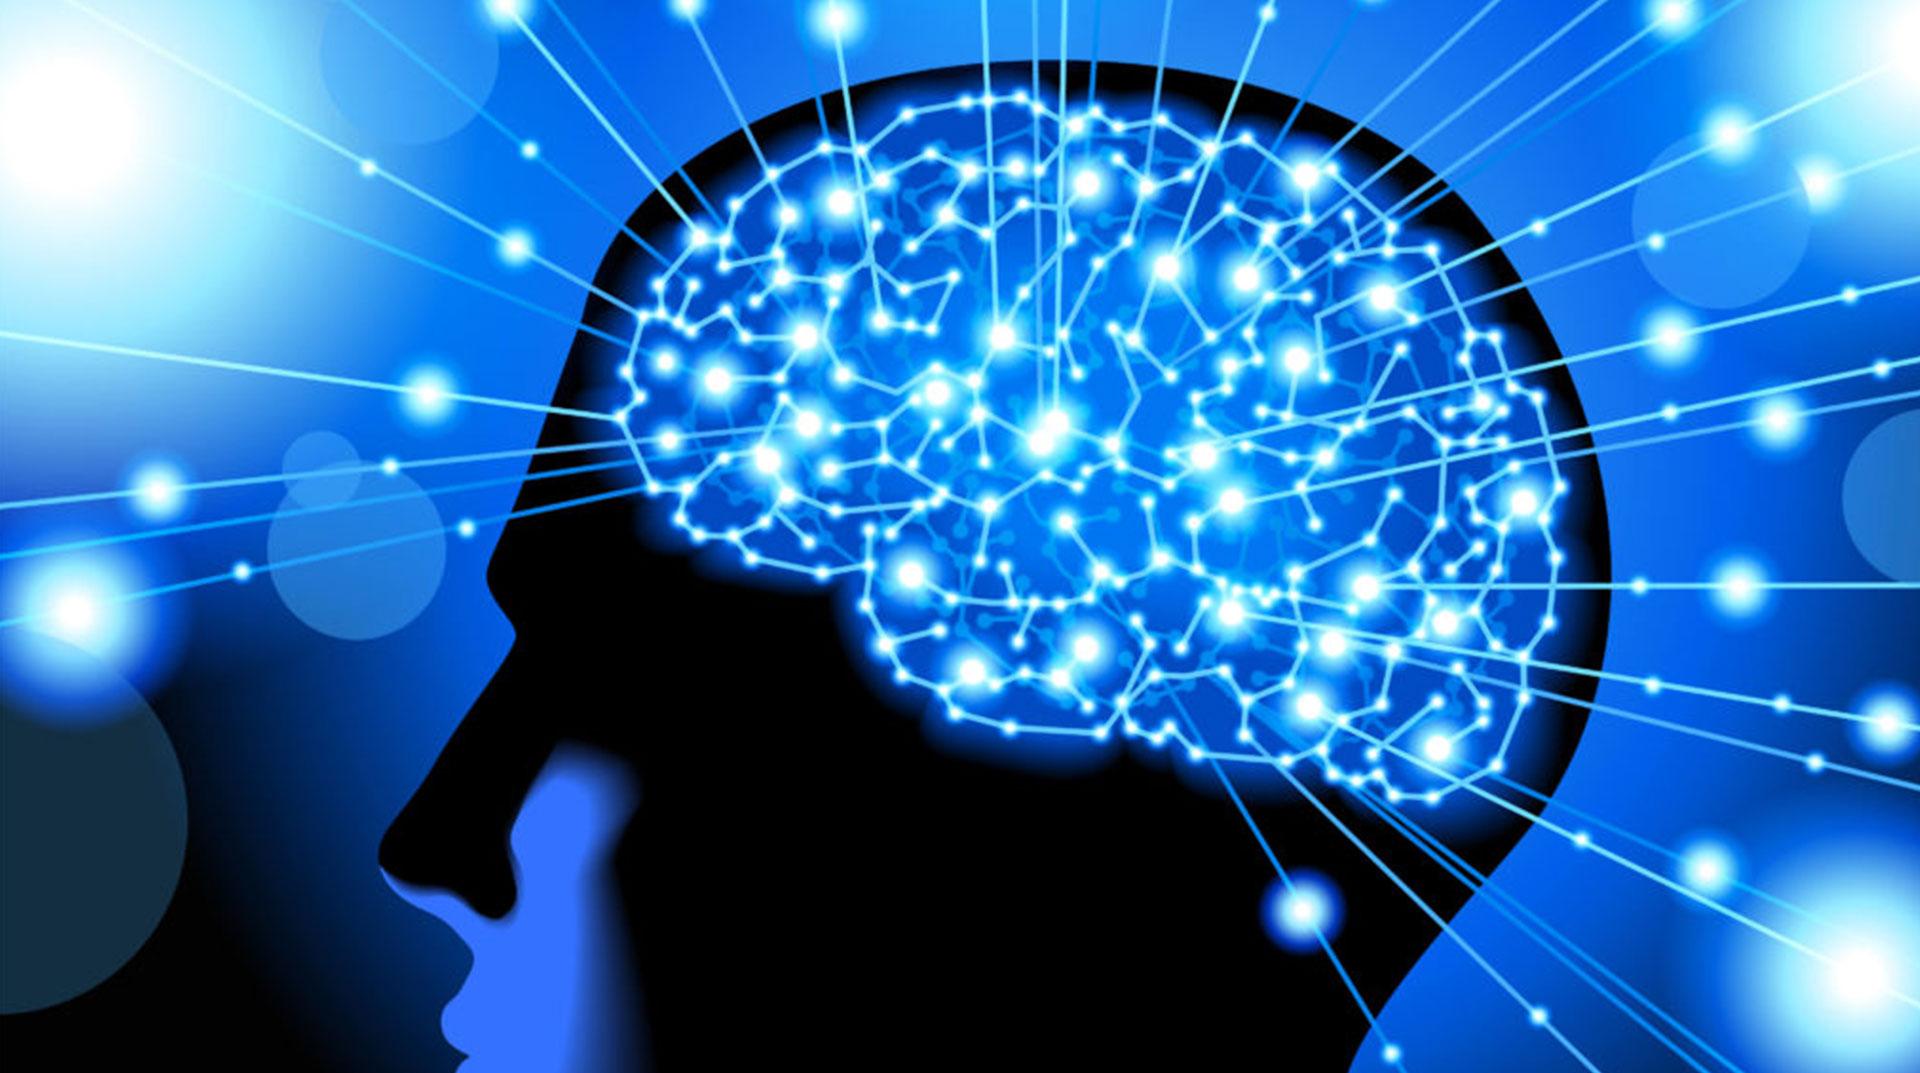 Hafızayı güçlendirmek için ne yapmalı?